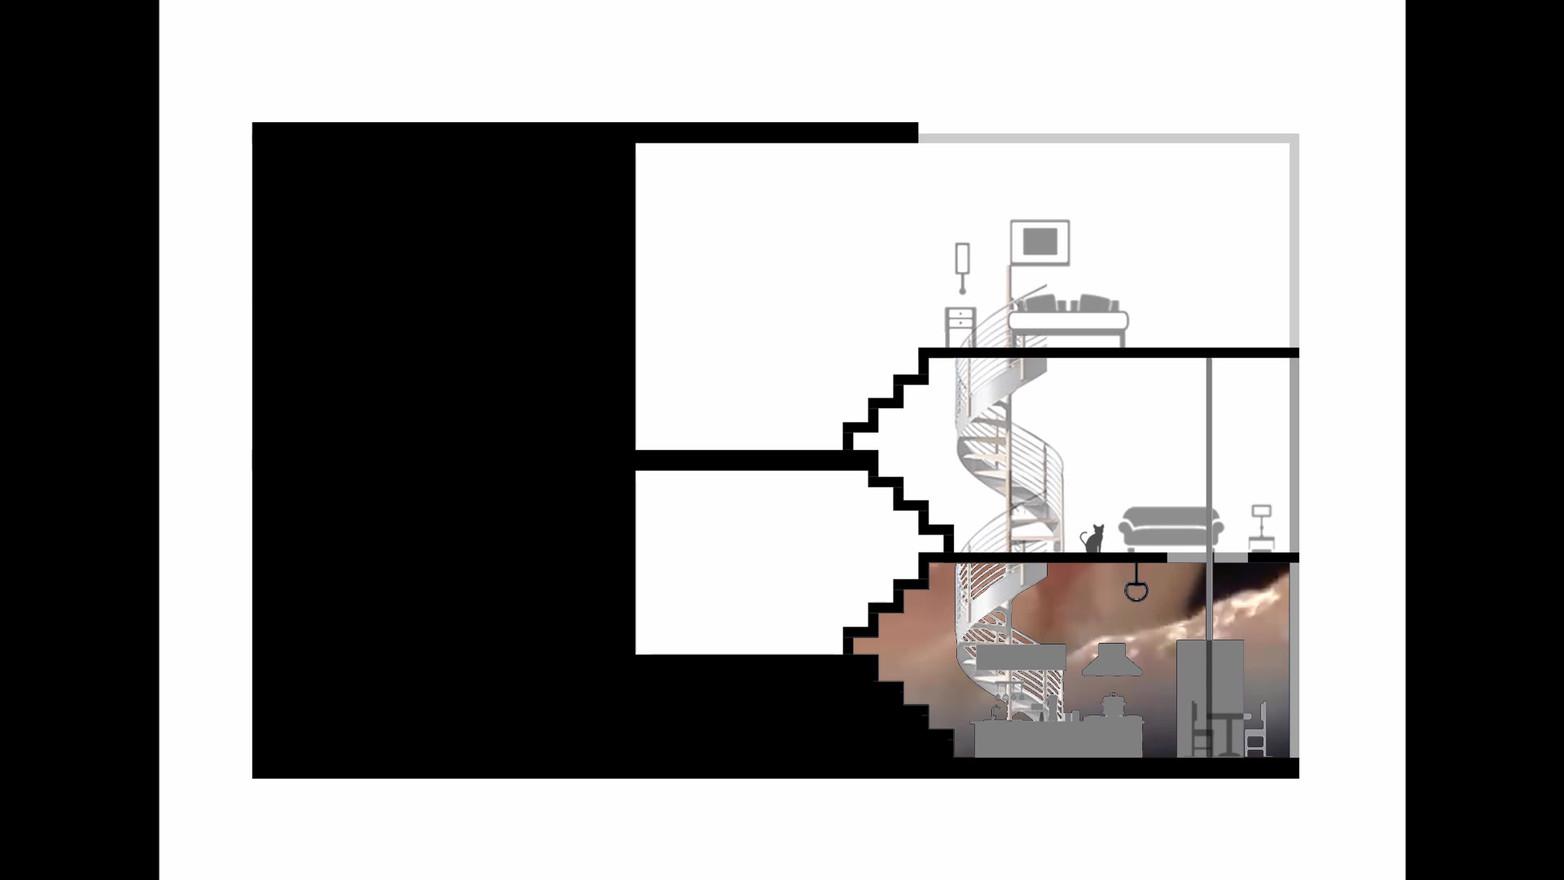 EKRAN EV (Begüm Kocabalkanlı) Modern mimarlığın cepheleri saydamlaştırması ve içeride olanı dışarıdan görünür yapması ile cepheler de binanın içi akış ve kurgusuna yönelik fikirler edindiğimiz ekranlara dönüşmeye başlar. Artık özelimiz ve kamusalımız arasında bir ayrışmanın kalmadığı ve hayatlarımızı göstererek yaşamayı tercih ettiğimiz 21. yy 'da peki evlerimiz bu değişime nasıl ayak uydurabilir? Günlük yaşantımızda ev içinde yaptığımız sporu, yemeği ya da izlediğimiz filmi bile sosyal medya üzerinden performatif şekillerde paylaşmaya çalışırken, evlerimizde kendi mahremimizi tanımlamaya yarayan betonlar hala anlamlı mıdır? Ekran Ev, artık hayatımızın ekranlara sığarak dijitalleştiği dönemde z ekseninden kurtularak evi de iki boyuta indirgemeyi hedefler. Instagram sayfa akşını andırırcasına ev içi kurguyu çepere taşıyarak, günlük aktivitelerin en performatif şekilde kentliyle iç içe yapıldığı bir kurgu hayal eder. Cephenin ekrana, kentlinin ise izleyiciye dönüştüğü bu kurguda, görünür olmayan alanlar için bir senaryo tanımlanmaz. Sonuç olarak öneri kesit, farklı karakterlerin dijital platformlarla ile olan ilişkilerini ve olası mekân kurgularını yansıtmayı hedefler. REFERANSLAR: 1- https://www.youtube.com/watch?v=tjBN8zYrPpM&feature=emb_title 2- https://www.youtube.com/watch?v=k1vCrsZ80M4&feature=emb_title 3- https://edition.cnn.com/2013/05/17/opinion/gallery/arne-svenson-neighbors/index.html 4- http://www.reviewarchitecture.com/reviews/kissingarchitecture 5- https://d2w9rnfcy7mm78.cloudfront.net/8289235/large_c7d24249625fe4cc5d648b2fe1855d97. jpg?1597087090?bc=0 6- https://d2w9rnfcy7mm78.cloudfront.net/8289231/large_ae5b8ad350a34f6e9ccb21d624117e01 .png?1597087074?bc=0 7- https://d2w9rnfcy7mm78.cloudfront.net/8326764/original_328b10cac33720b921156bb25baab 6da.jpg?1597351739?bc=0